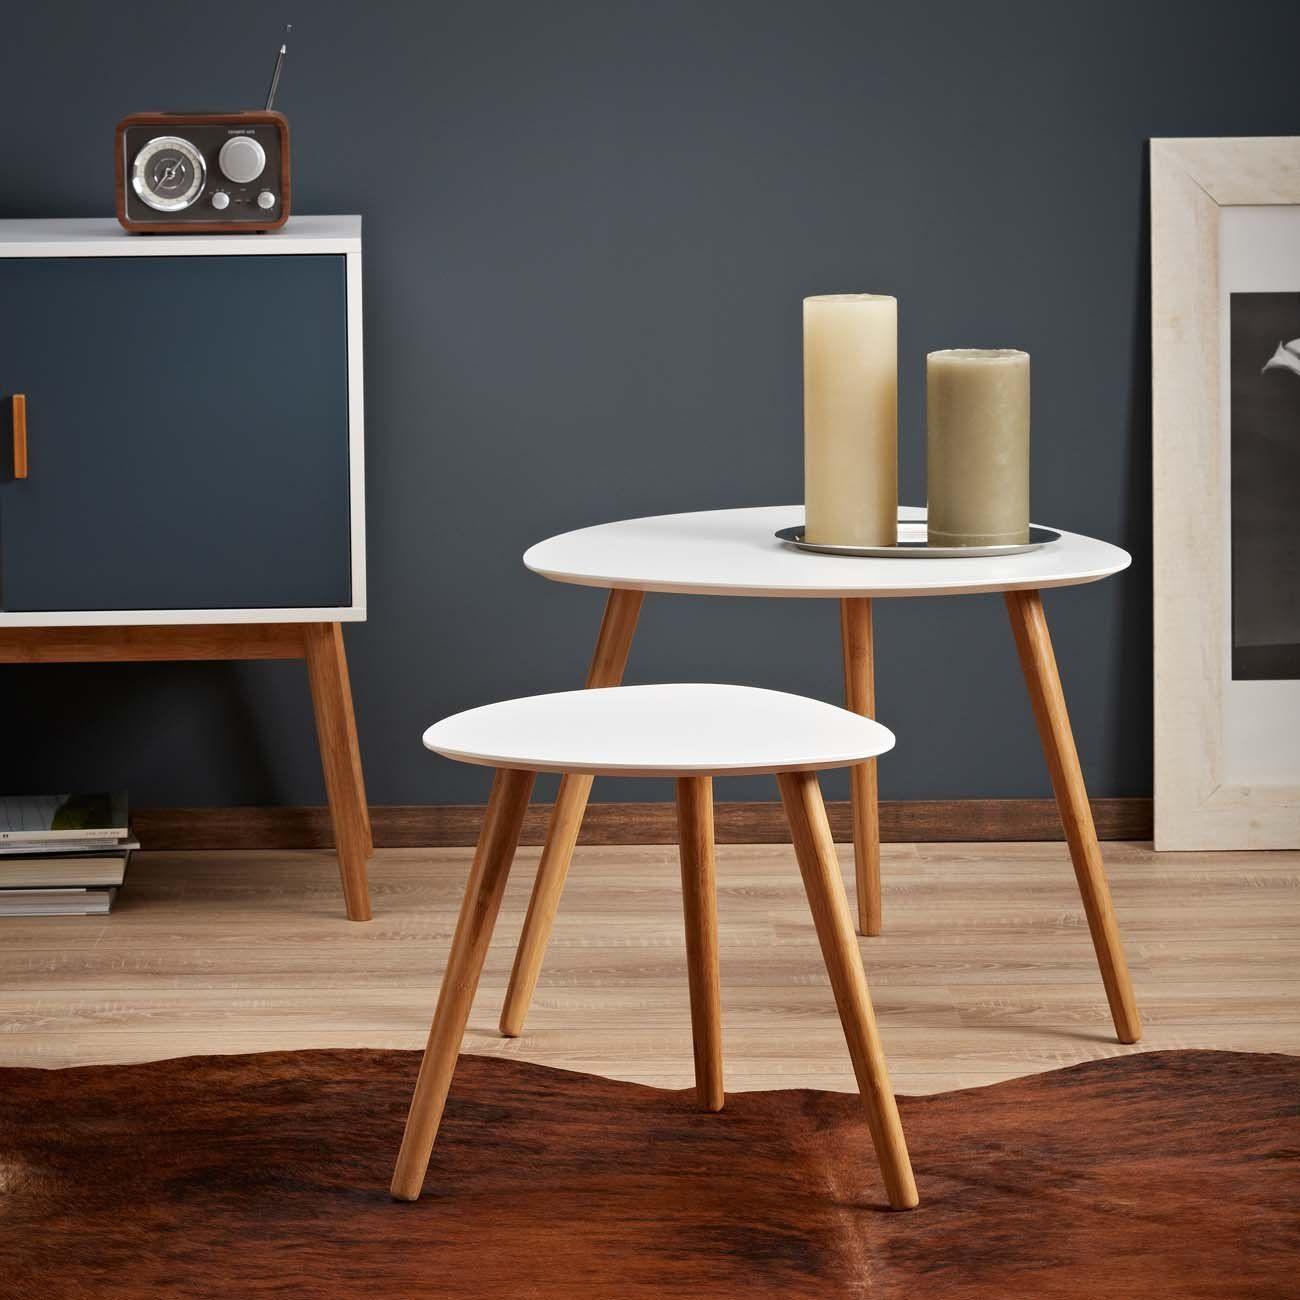 lomos® no.2 beistelltisch (2er-set) in weiß aus holz im modernen, Moderne